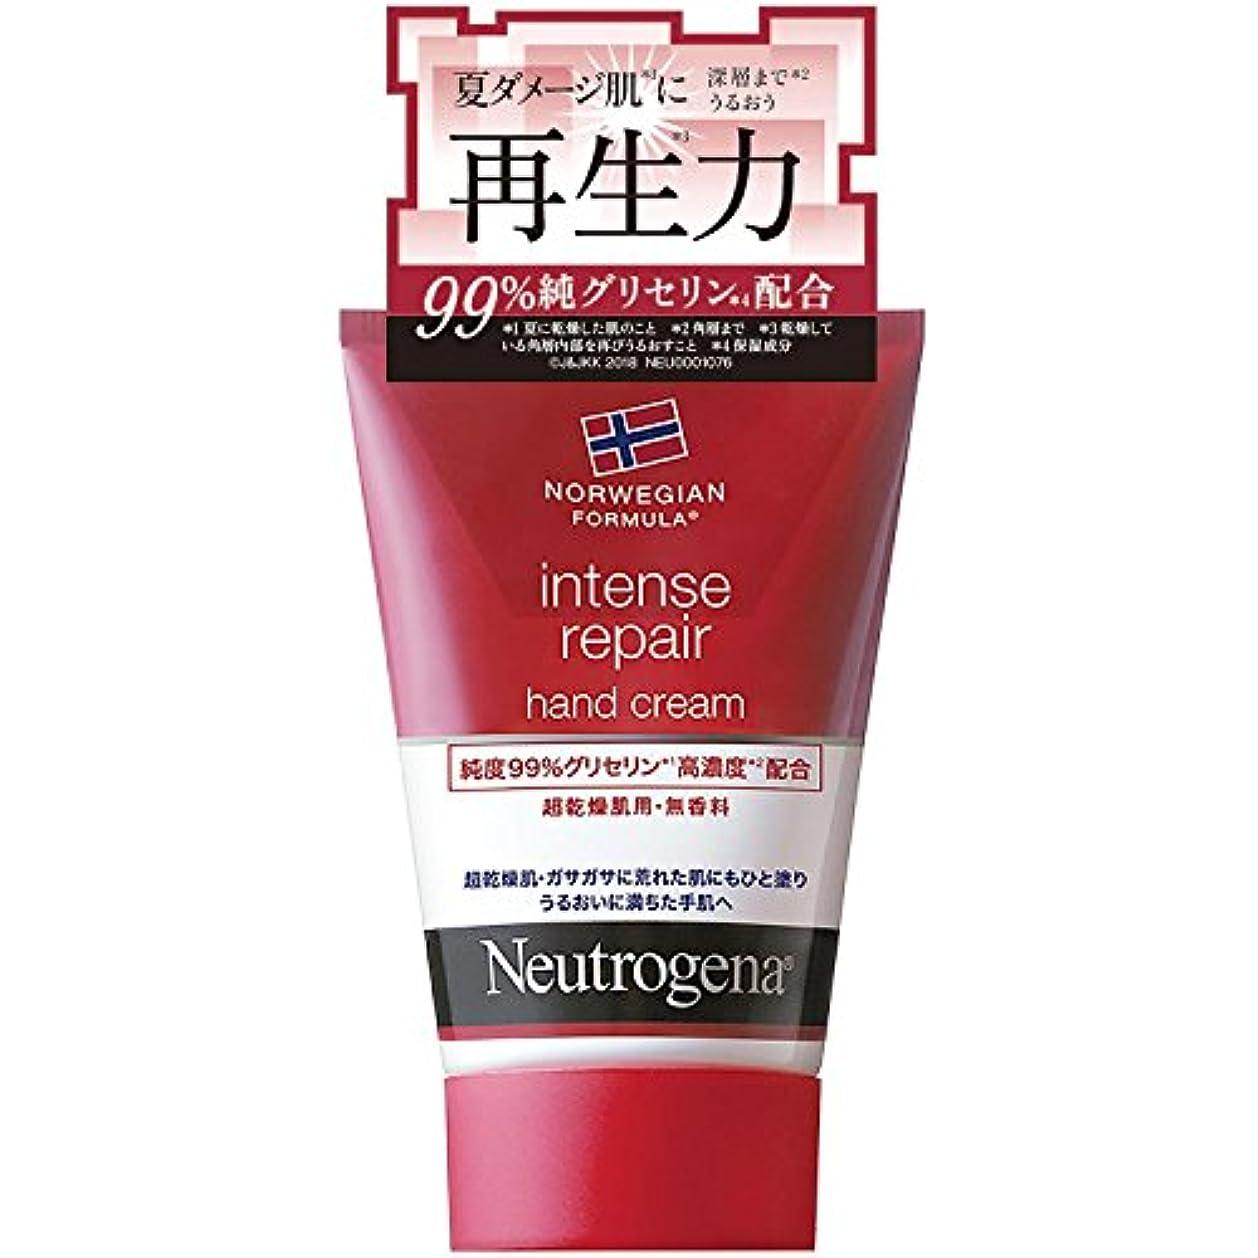 避けるはず受付Neutrogena(ニュートロジーナ) ノルウェーフォーミュラ インテンスリペア ハンドクリーム 超乾燥肌用 無香料 単品 50g